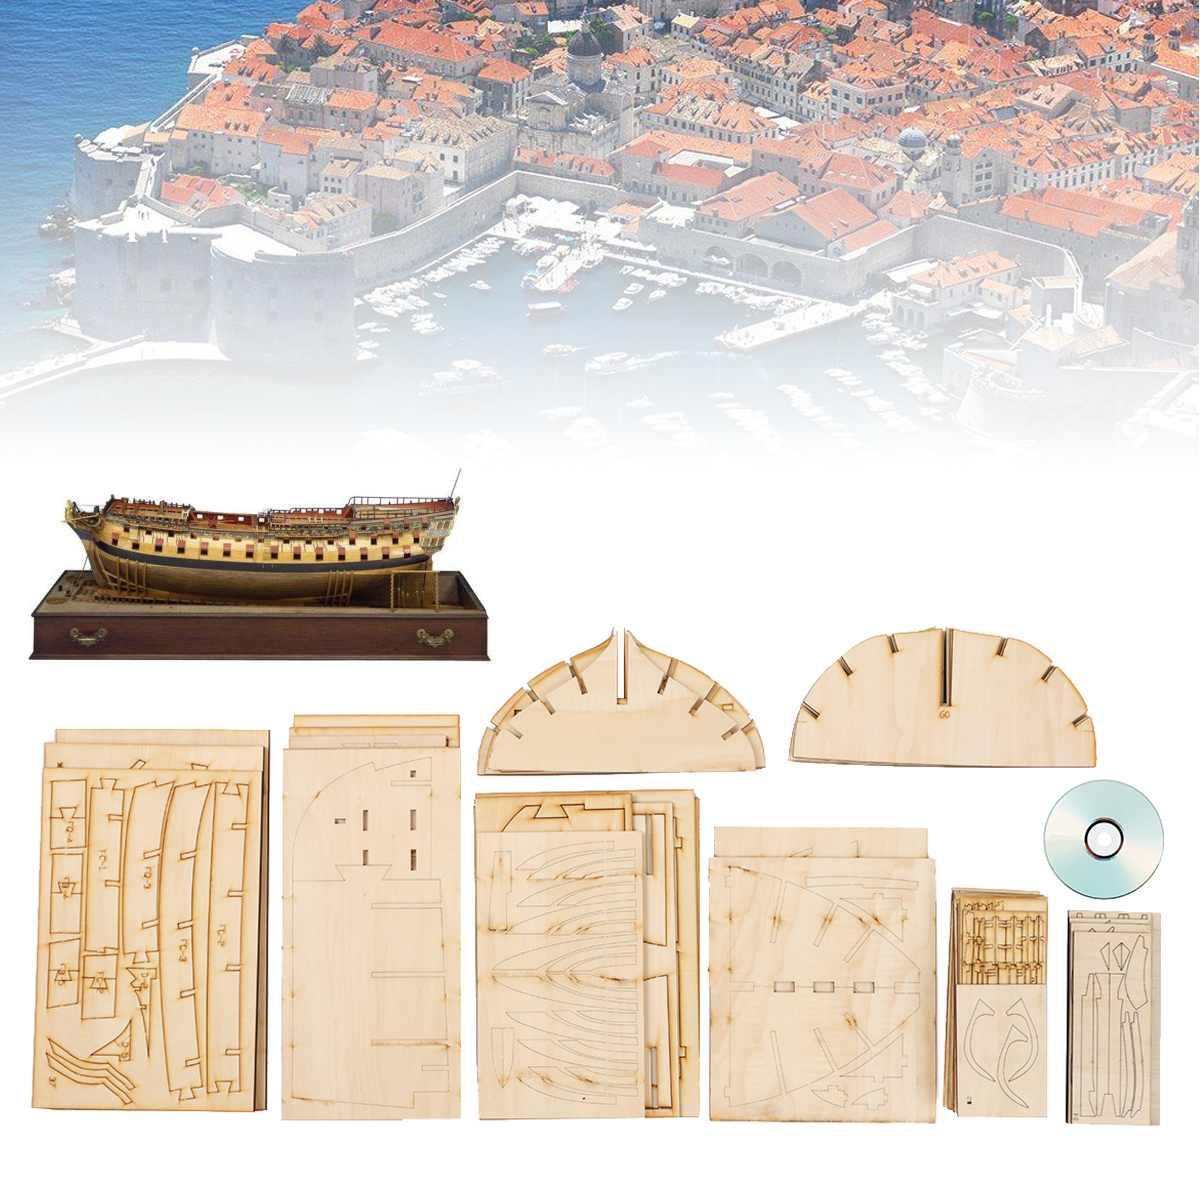 DIY Handgemaakte Montage Schip Voor HMS Bellona 1/48 Schaal Houten Craft Slagschip Model Kits Huishoudelijke Ornamenten Decoratie Gift